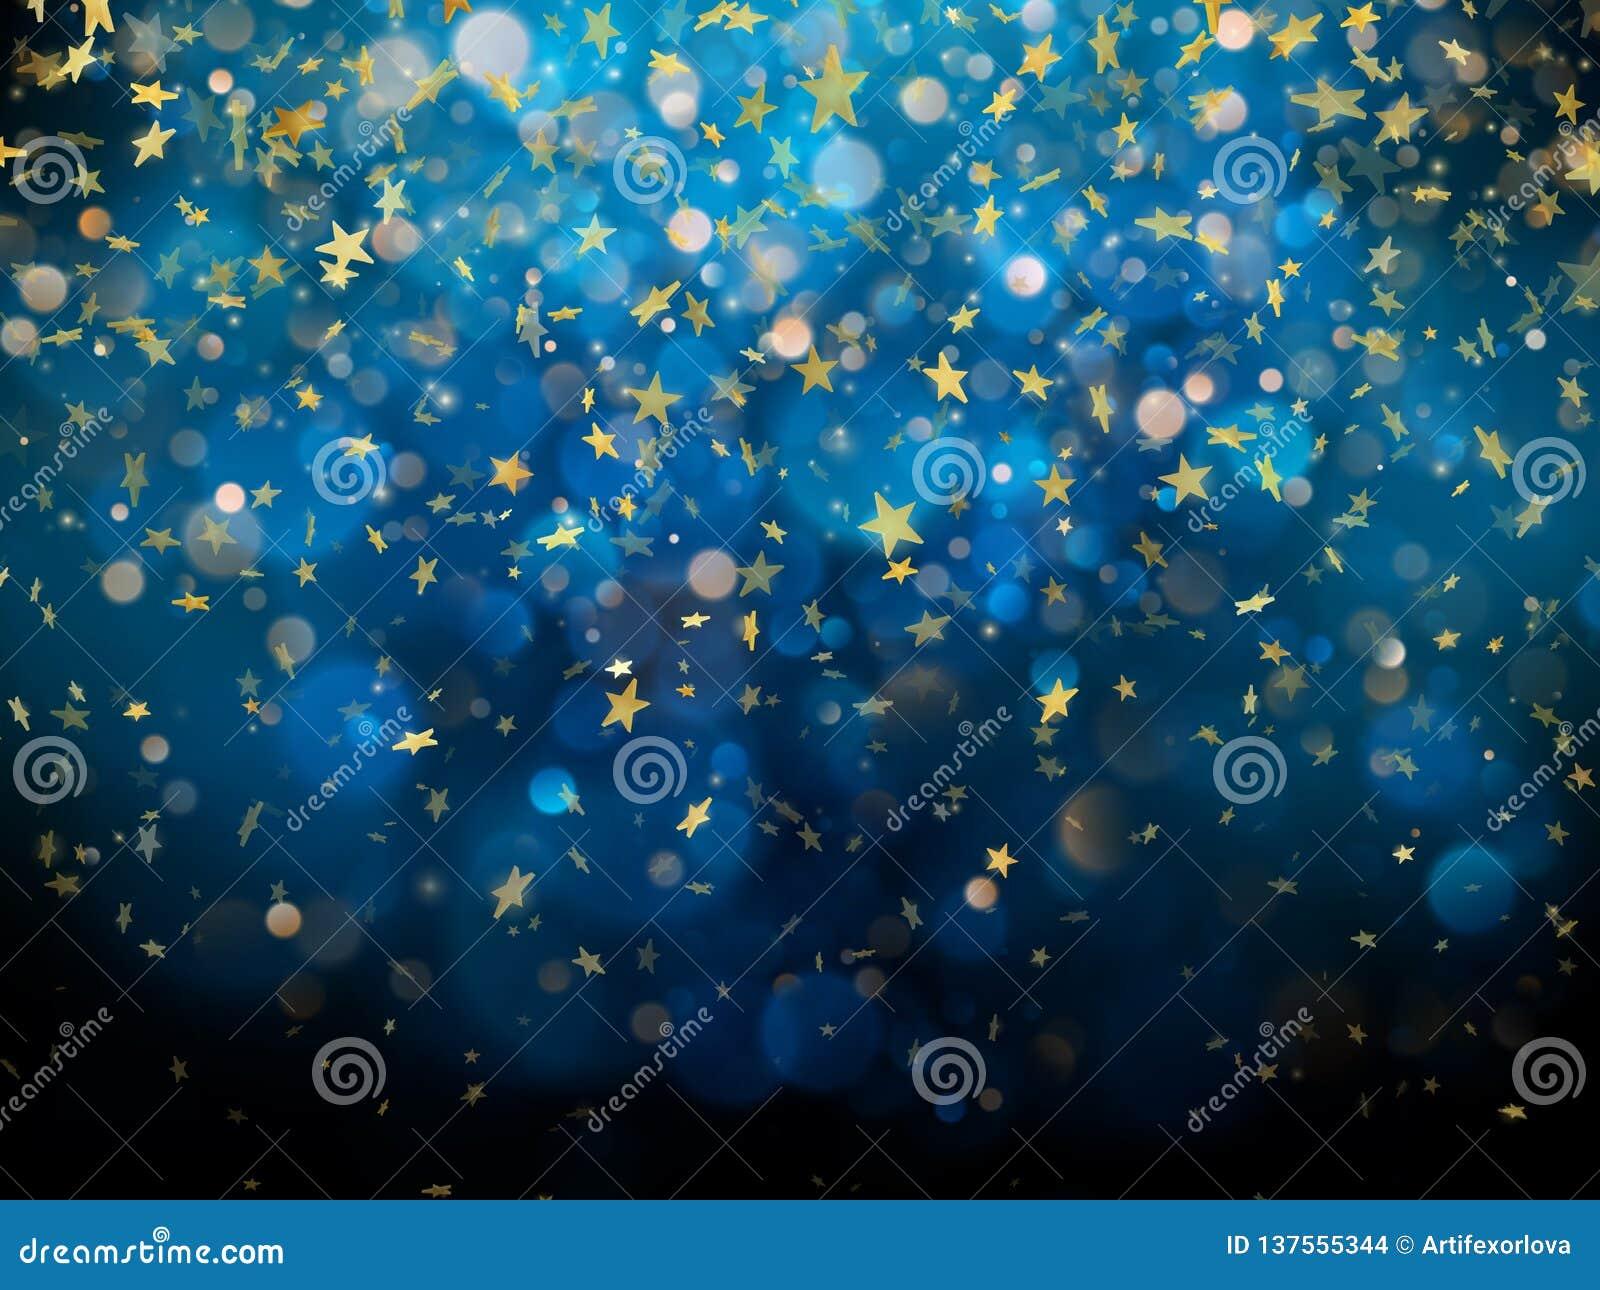 Estrelas de brilho do Natal dourado de incandescência mágico dourado efervescente da poeira e do ano novo em escuro - fundo azul